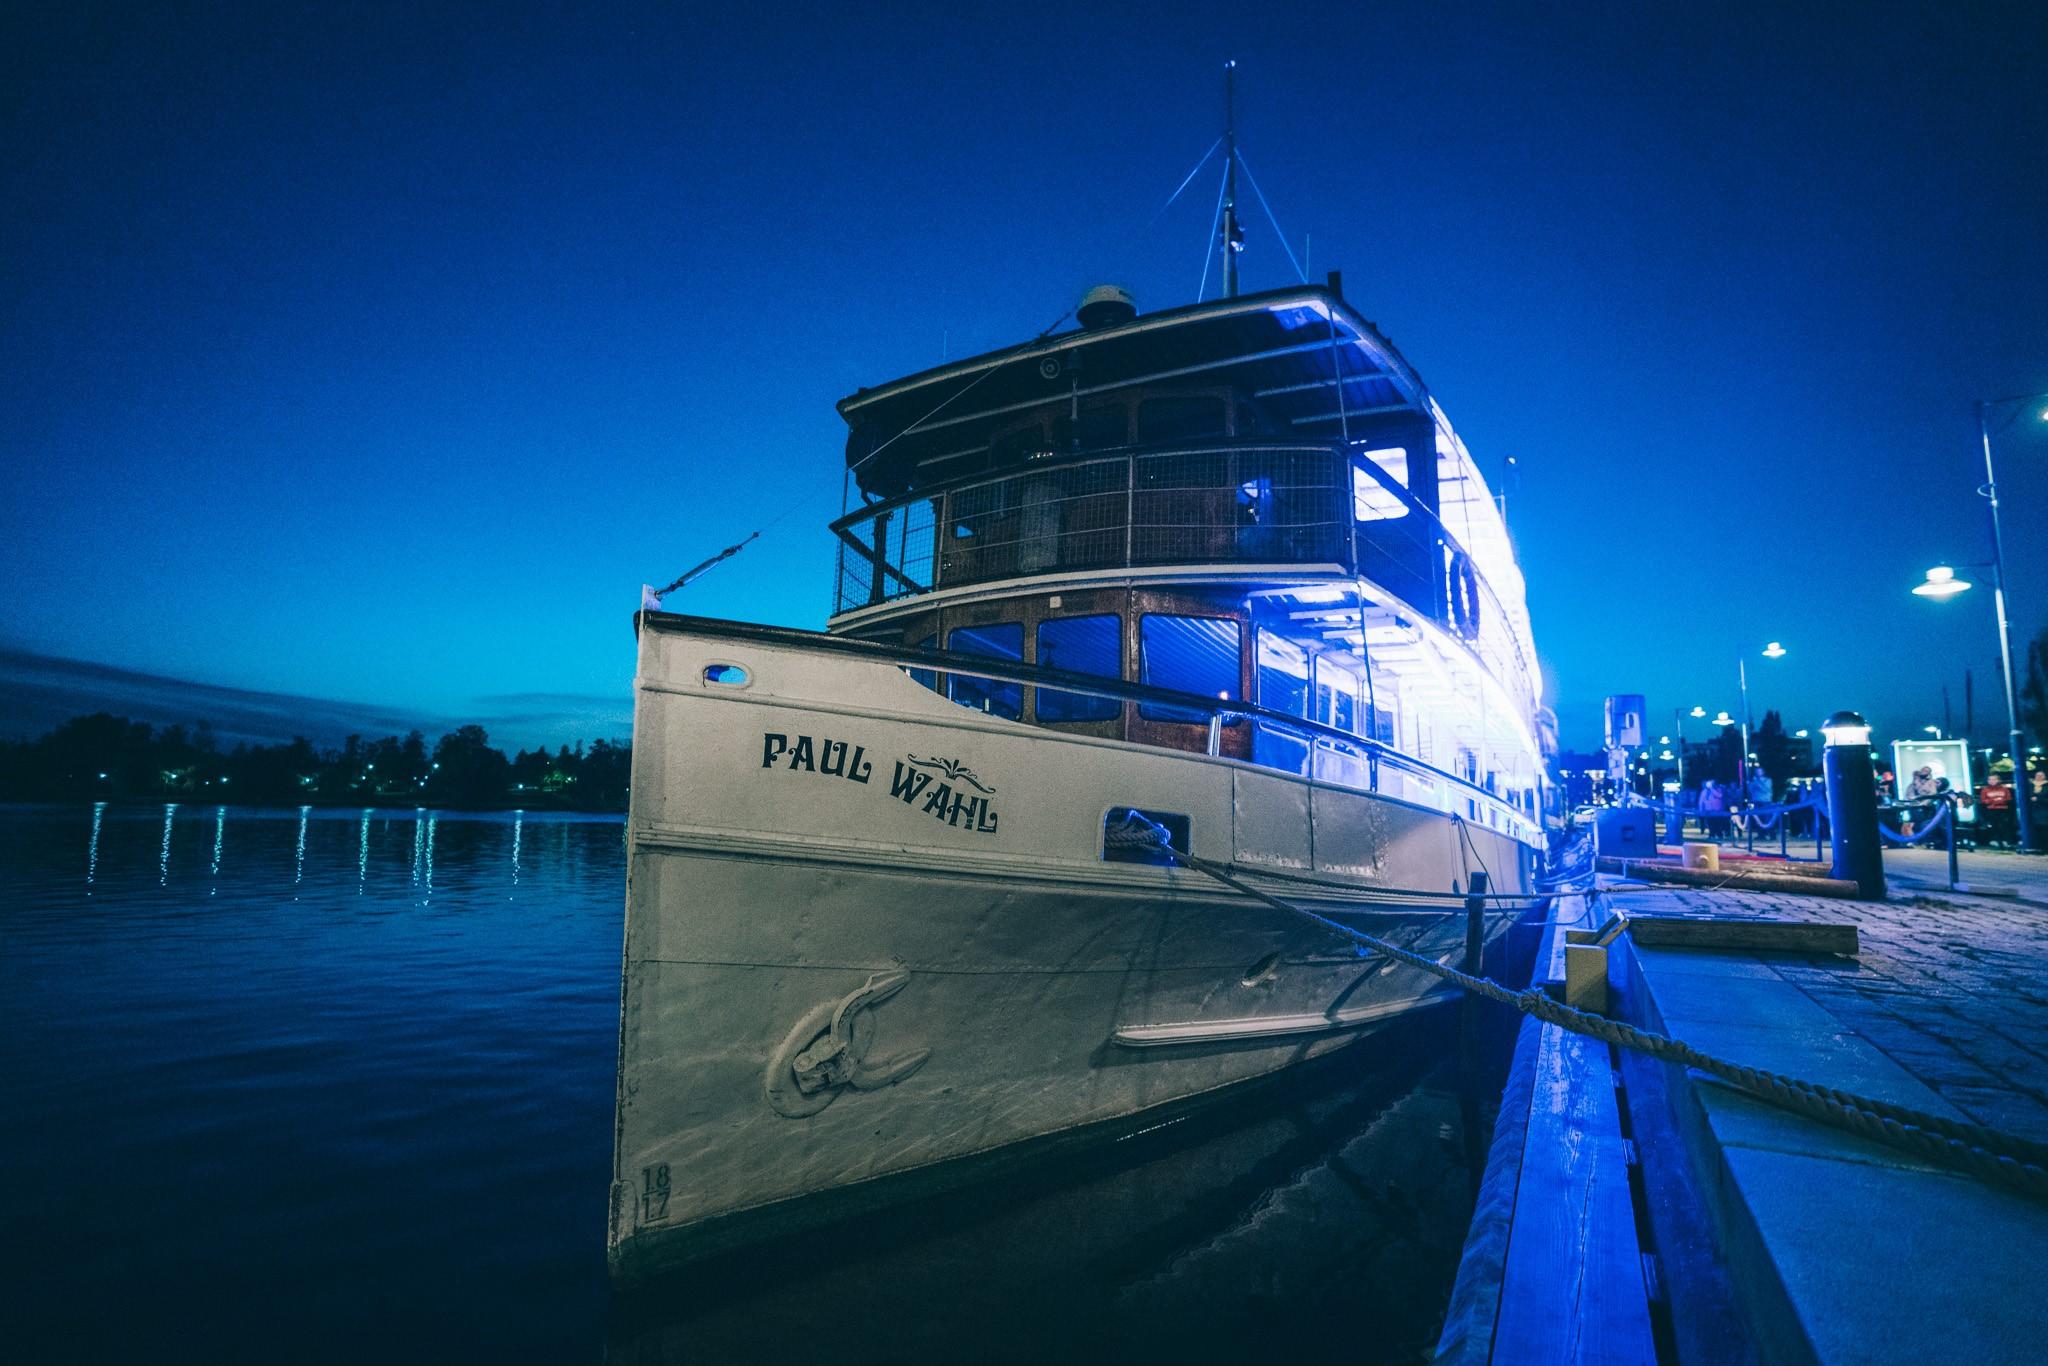 Vuoden Kotimaan Matkailuyritys 2021 on Vip Cruise ja s/s Paul Wahl